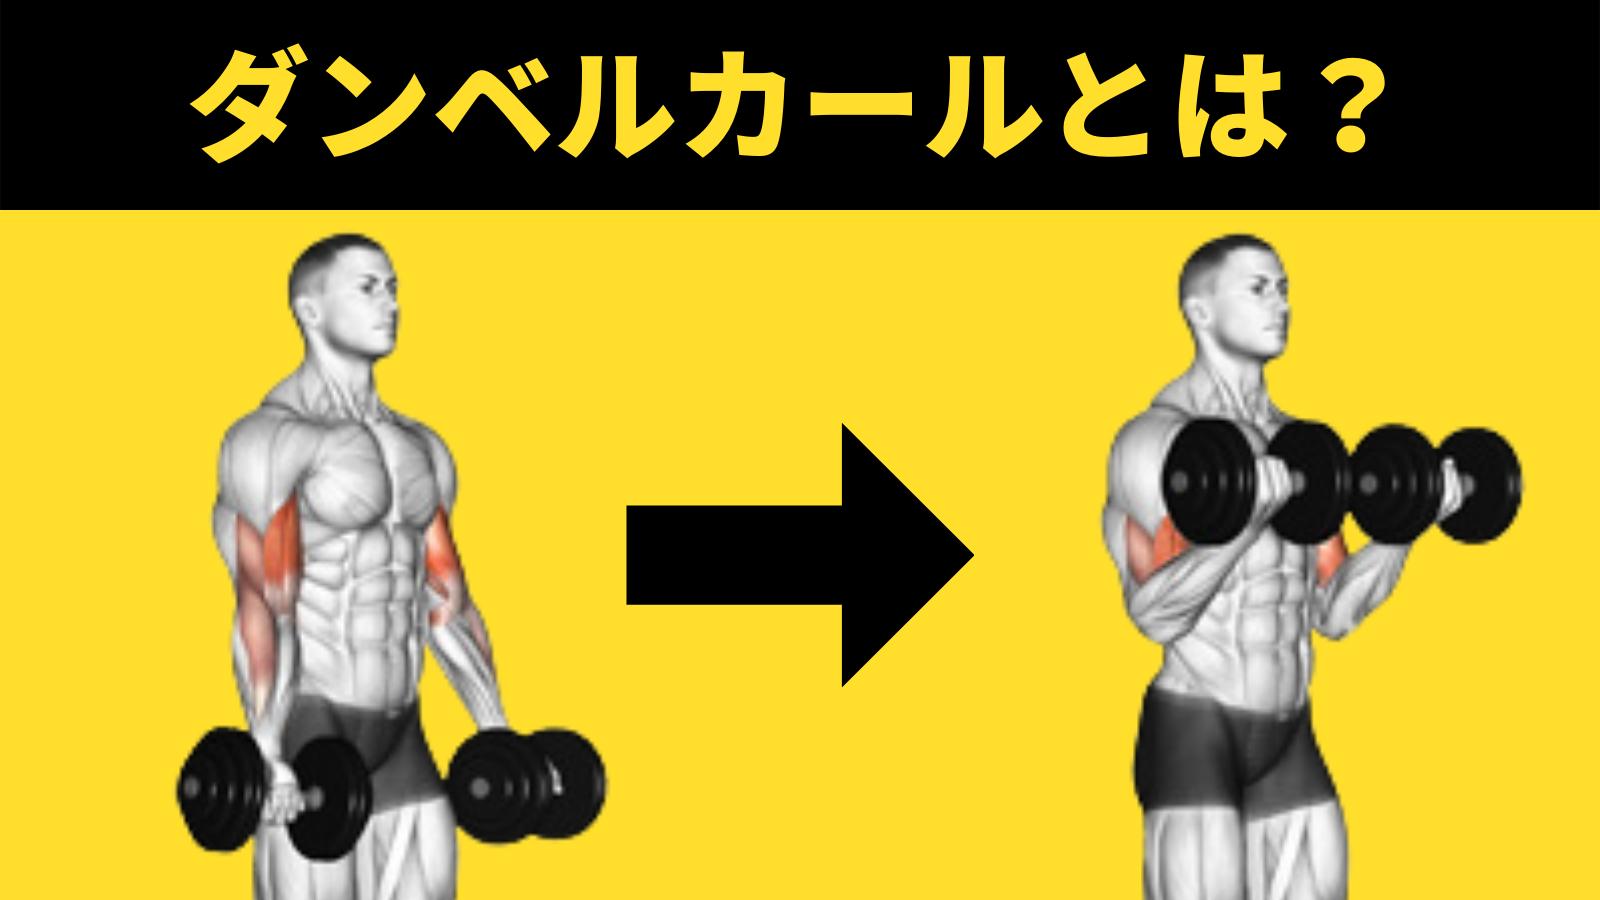 ダンベルカールとは?鍛えられる筋肉